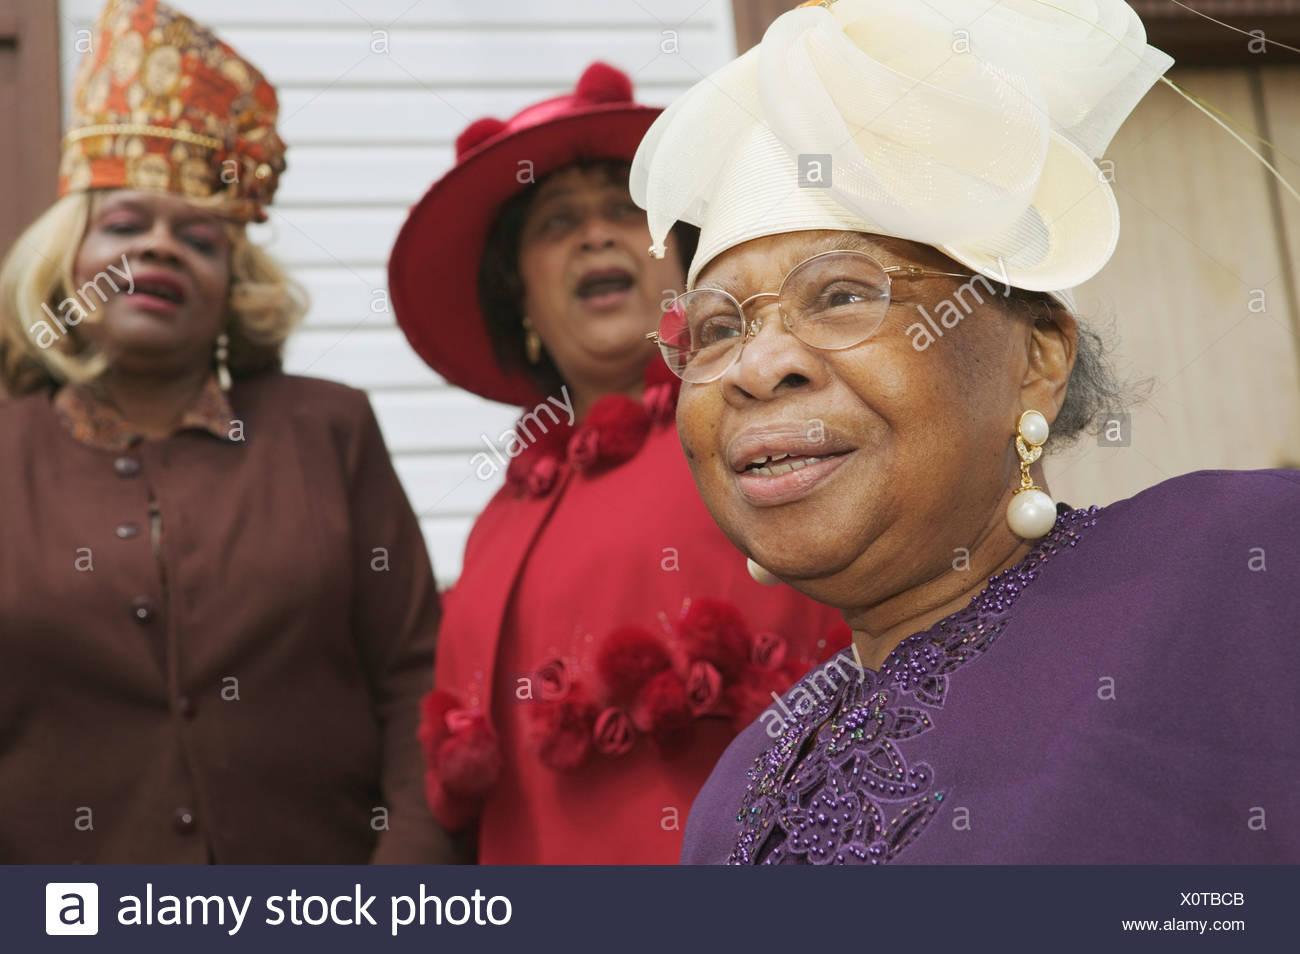 d1a4a102788f Drei Frauen in Führungspositionen in feine Kleider und ausgefallene Hüte  Stockbild